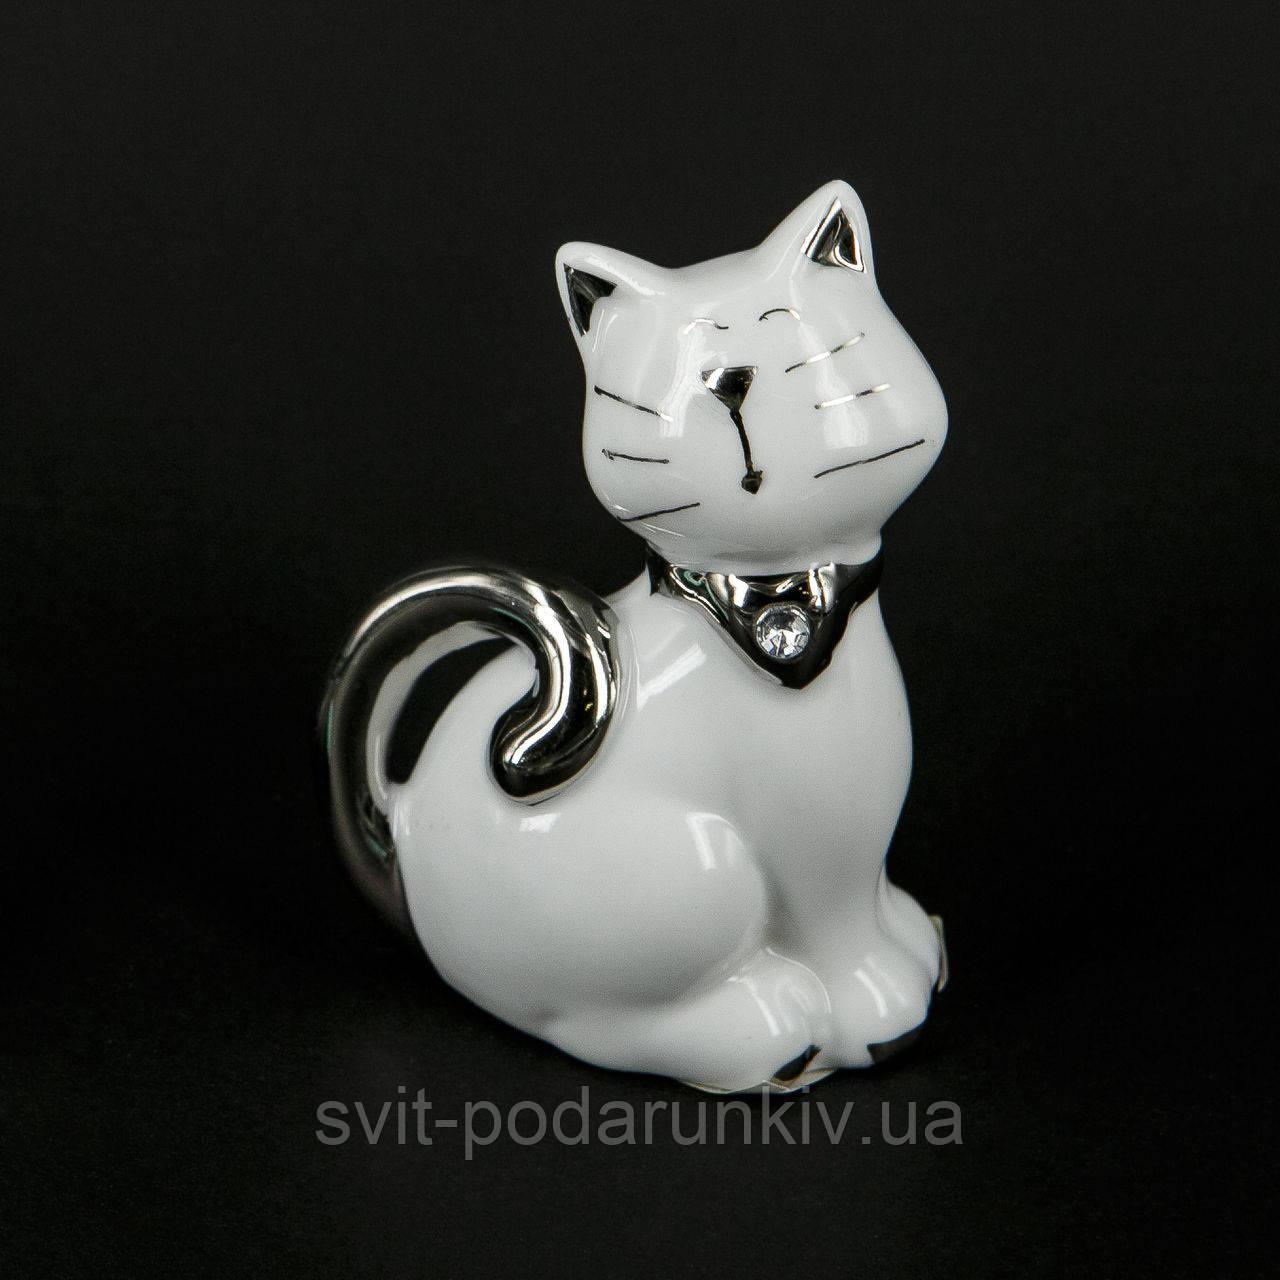 Статуэтка кота миниатюрная HYS21084-3